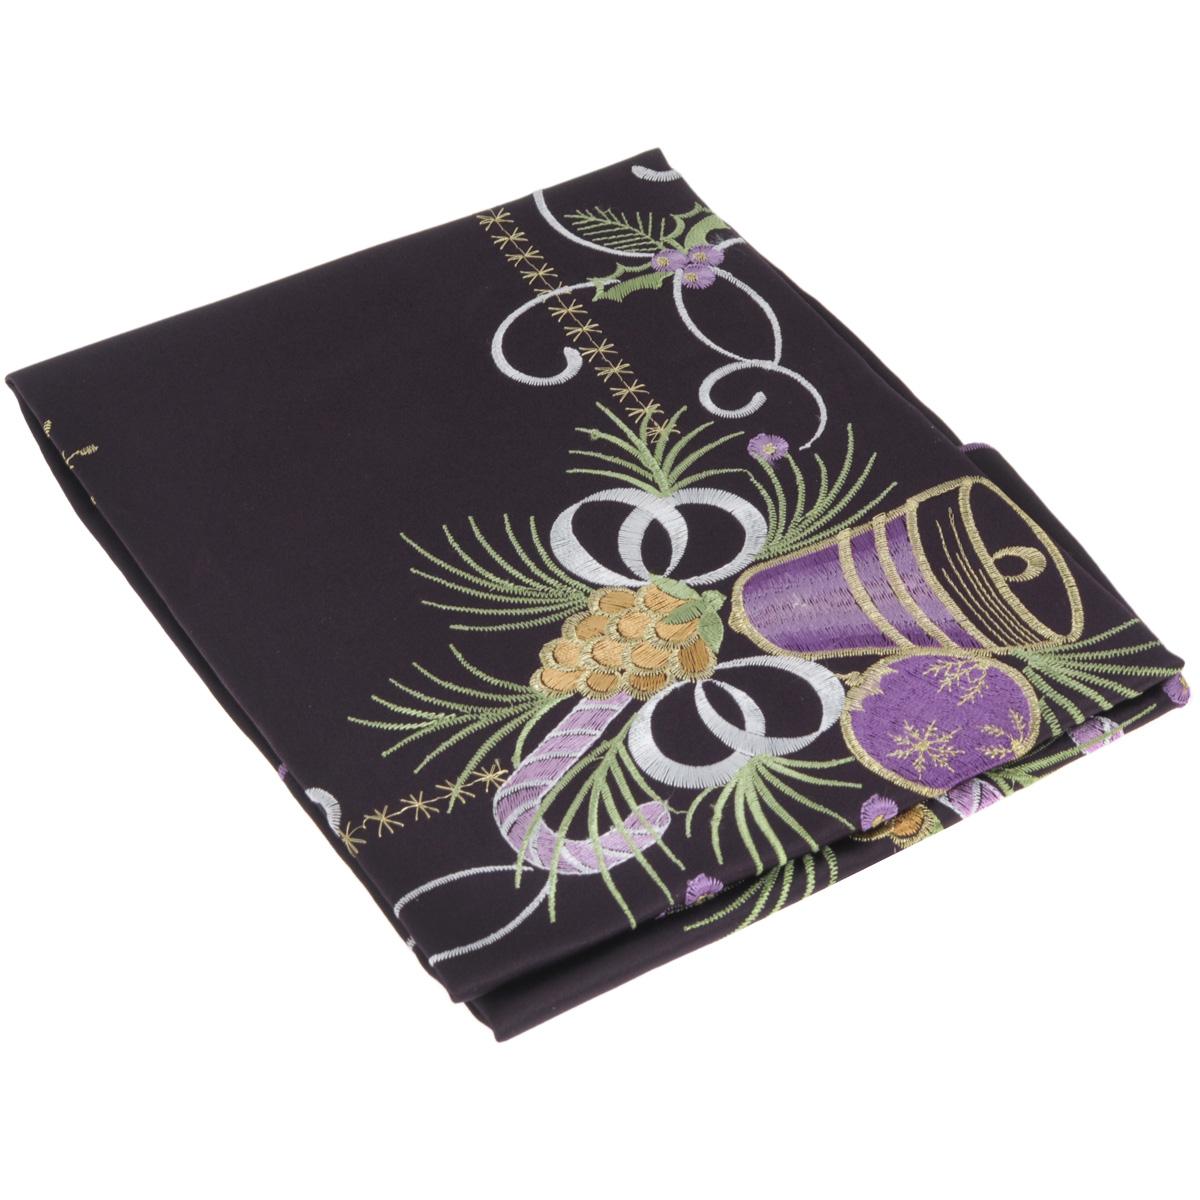 Скатерть Home Queen Колокольчик, квадратная, цвет: фиолетовый, 85x 85 смVT-1520(SR)Новогодняя скатерть Queen Колокольчик изящно украсит праздничный стол. Изделие выполнено из плотной полиэстеровой ткани, украшенной яркой декоративной ажурной вышивкой в виде колокольчиков. Изделие можно использовать поверх однотонной скатерти или в качестве самостоятельного покрытия на стол. Скатерть Queen Колокольчик создаст новогоднее настроение и станет прекрасным дополнением интерьера гостиной, кухни или столовой.